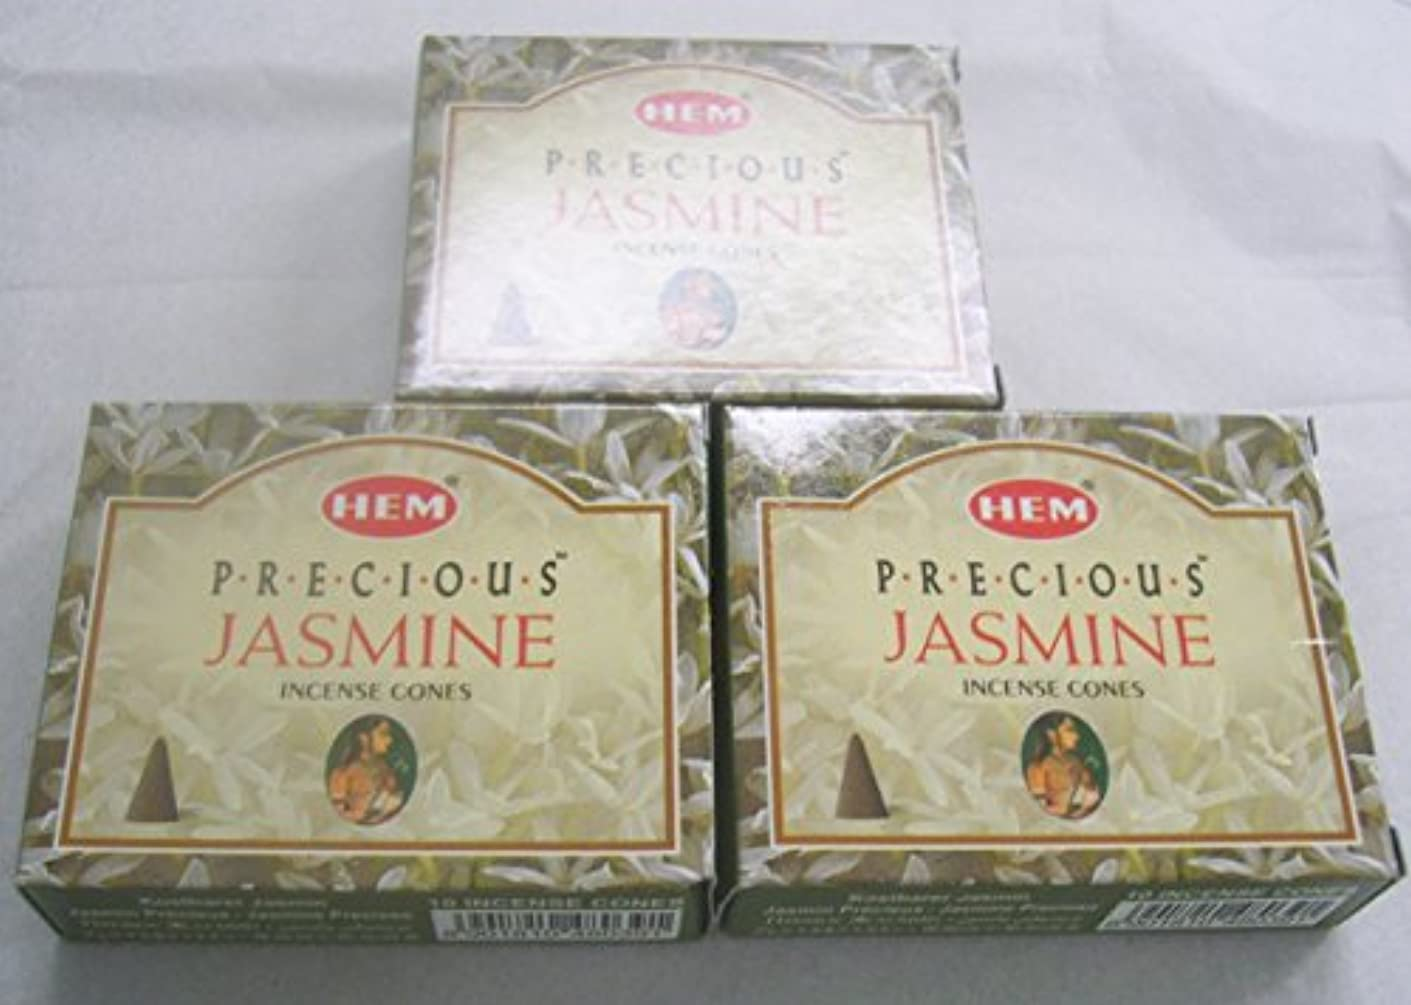 スポーツをする短くするブラシHem Precious Jasmine Incense Cones、3パックの10 Cones = 30 Cones